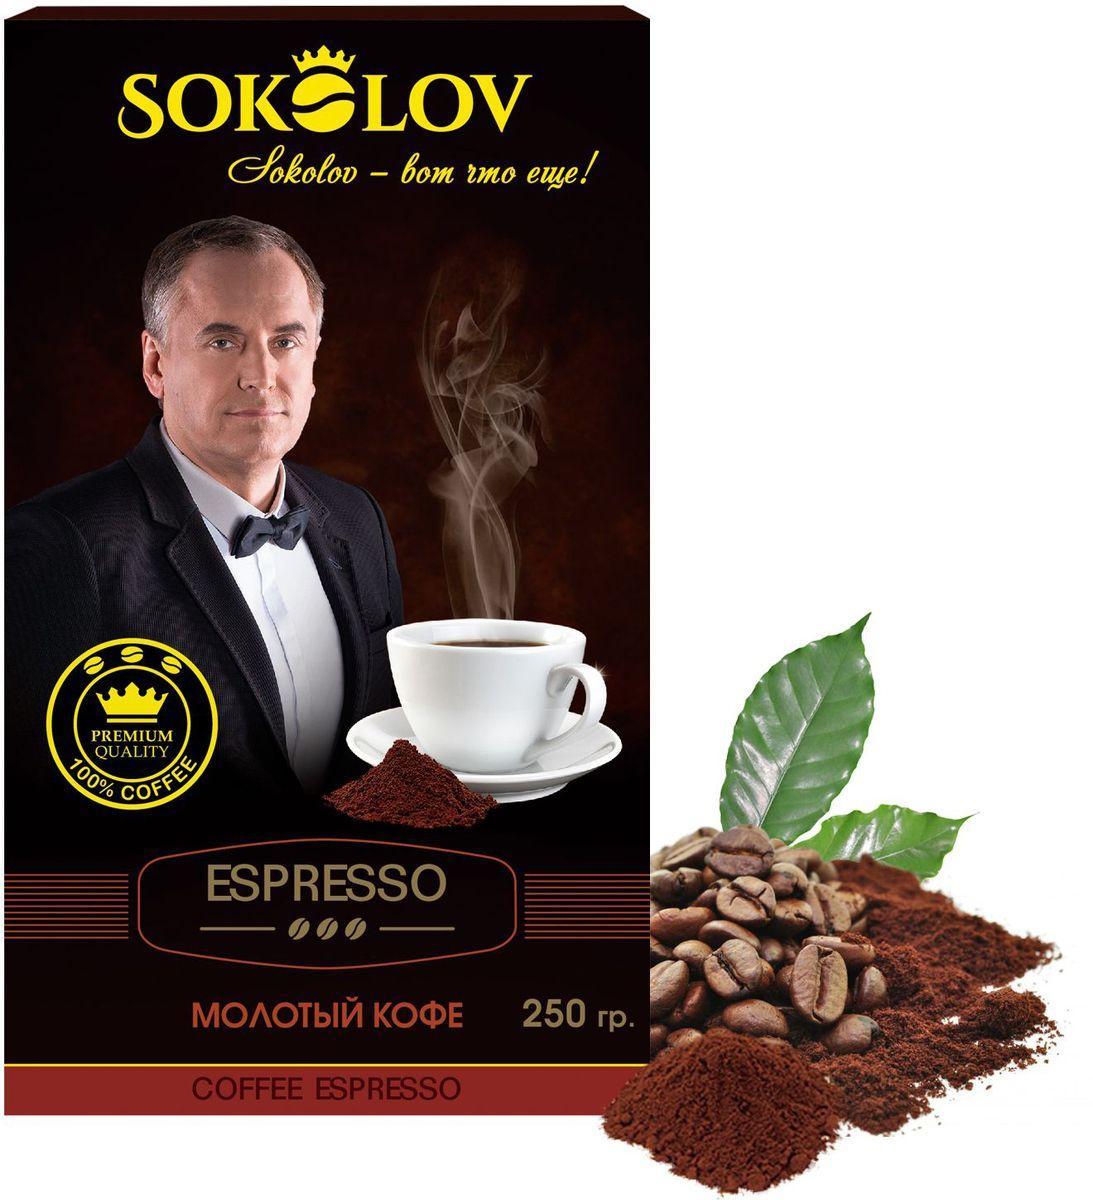 Sokolov Эспрессо кофе молотый, 250 гPF0057Espresso - это классическая композиция молотого кофе средней обжарки. Он сочетает в себе богатство вкуса и превосходное качество сорта Арабика и Робуста. Представляет уникальный и специфический вкус, с хорошо сбалансированной комбинацией фруктового аромата, сладости и фруктовой начинки. Медленный и деликатный метод обжарки обеспечивает изысканный богатый вкус кофе. Имеет приятное, ровное послевкусие. Кофе предназначен для заваривания в электрических кофемашинах или турке.